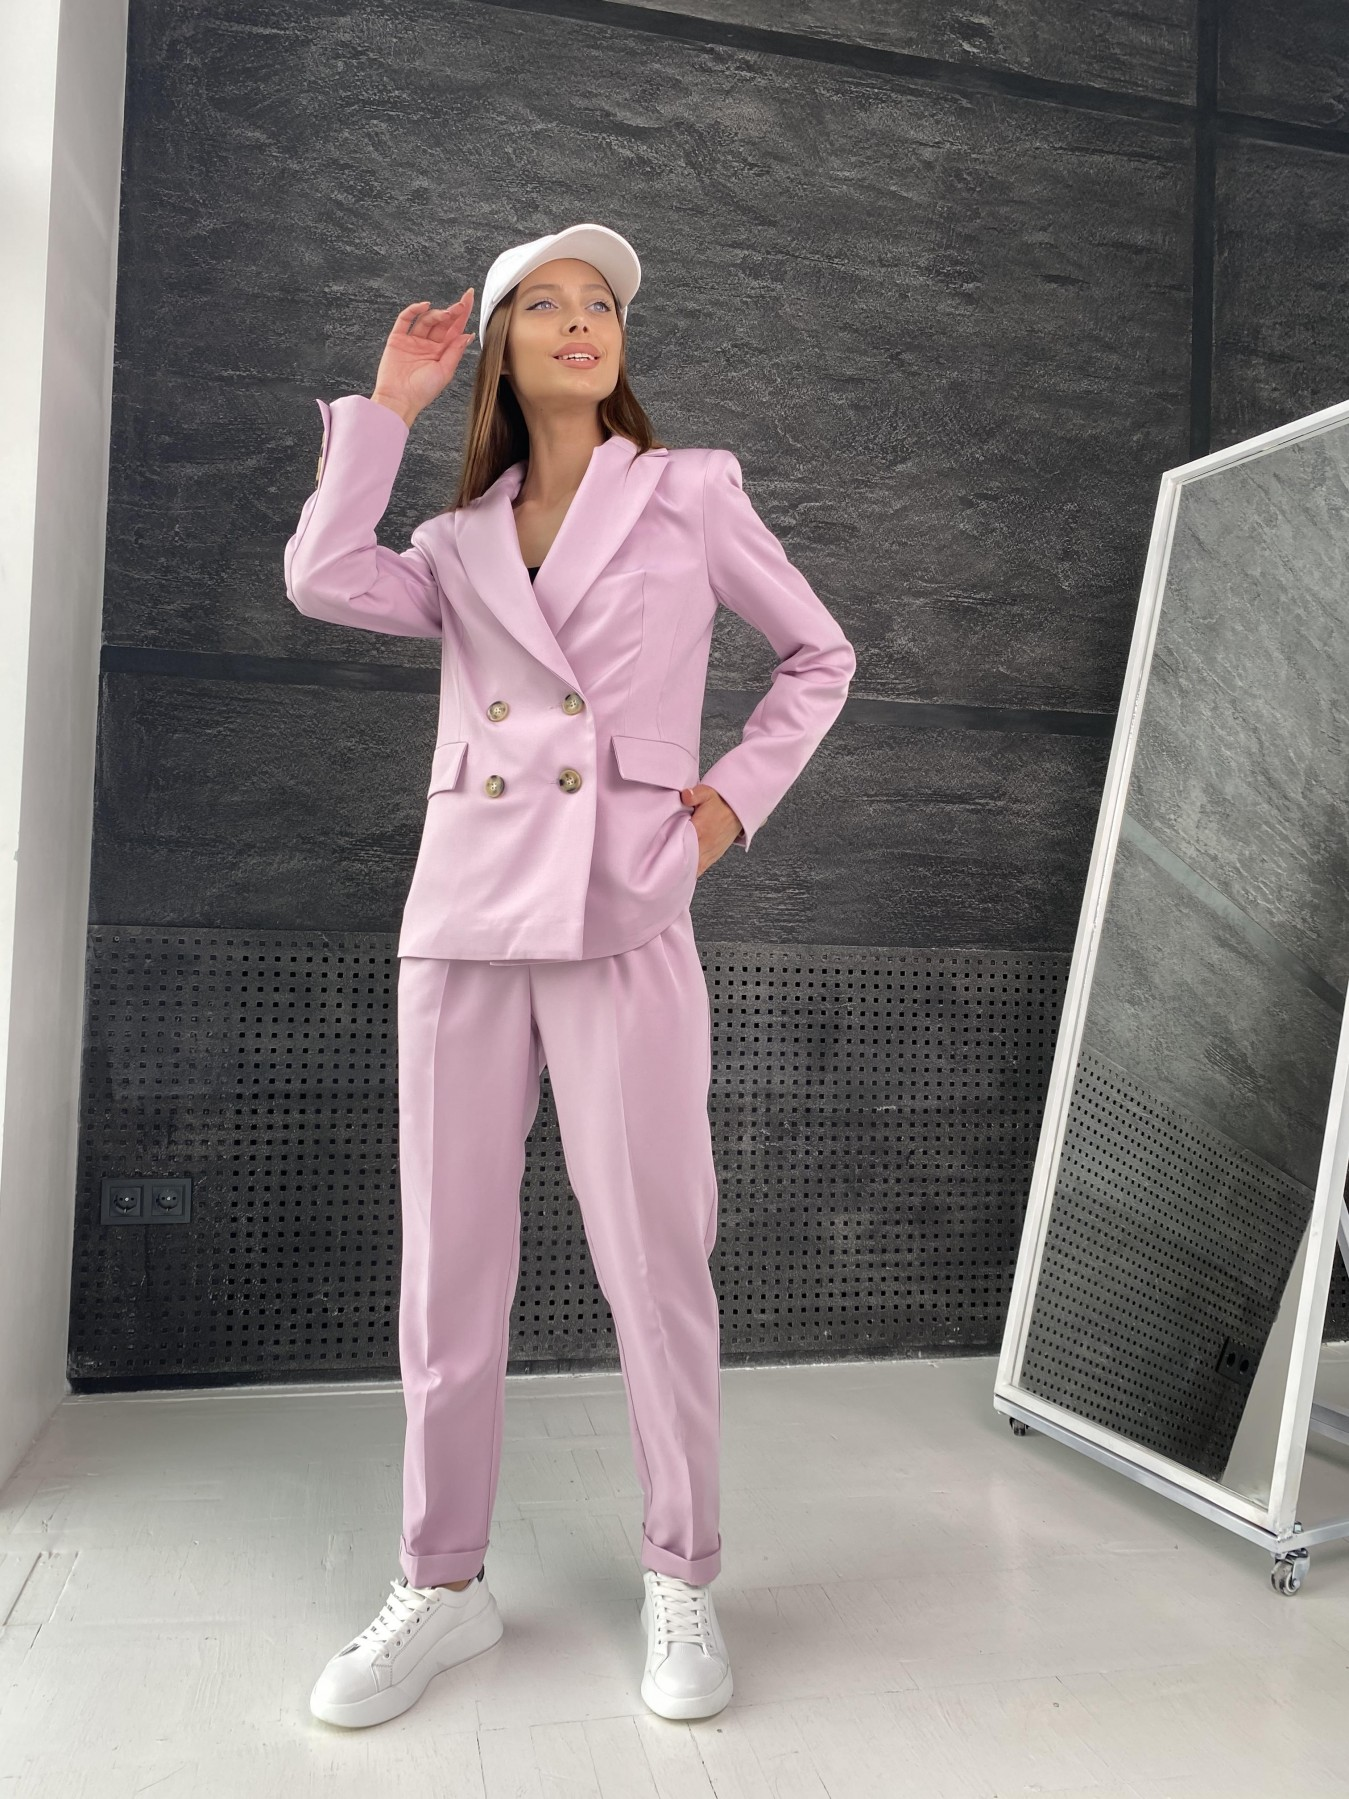 Франко костюм стрейчевый из костюмной ткани 11090 АРТ. 47968 Цвет: Пудра 2 - фото 5, интернет магазин tm-modus.ru